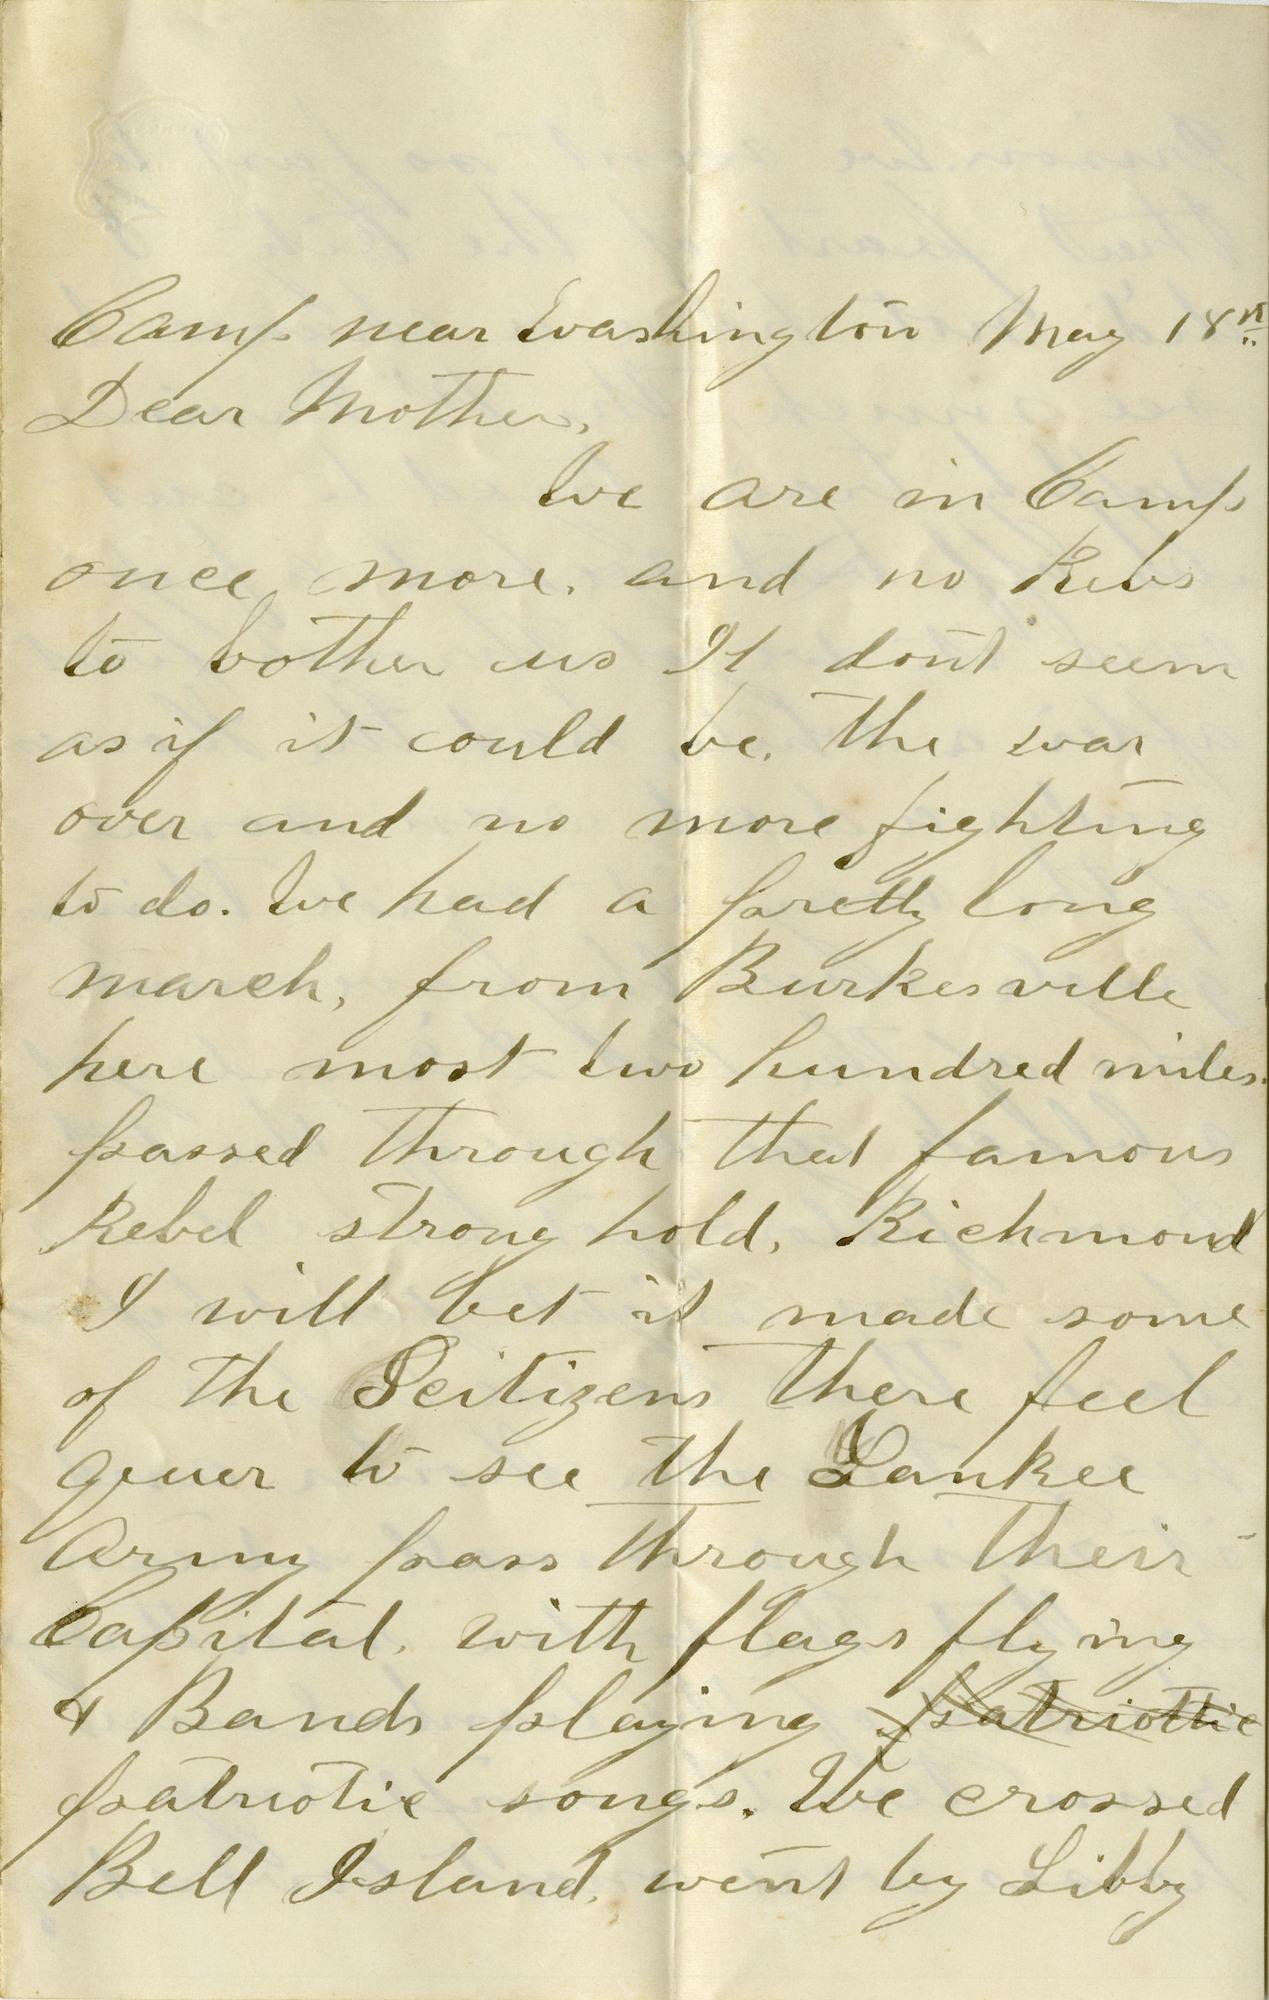 Ms2011-106_LeonardWilliam_B1F2_Letter_1865_0518_pg01.jpg